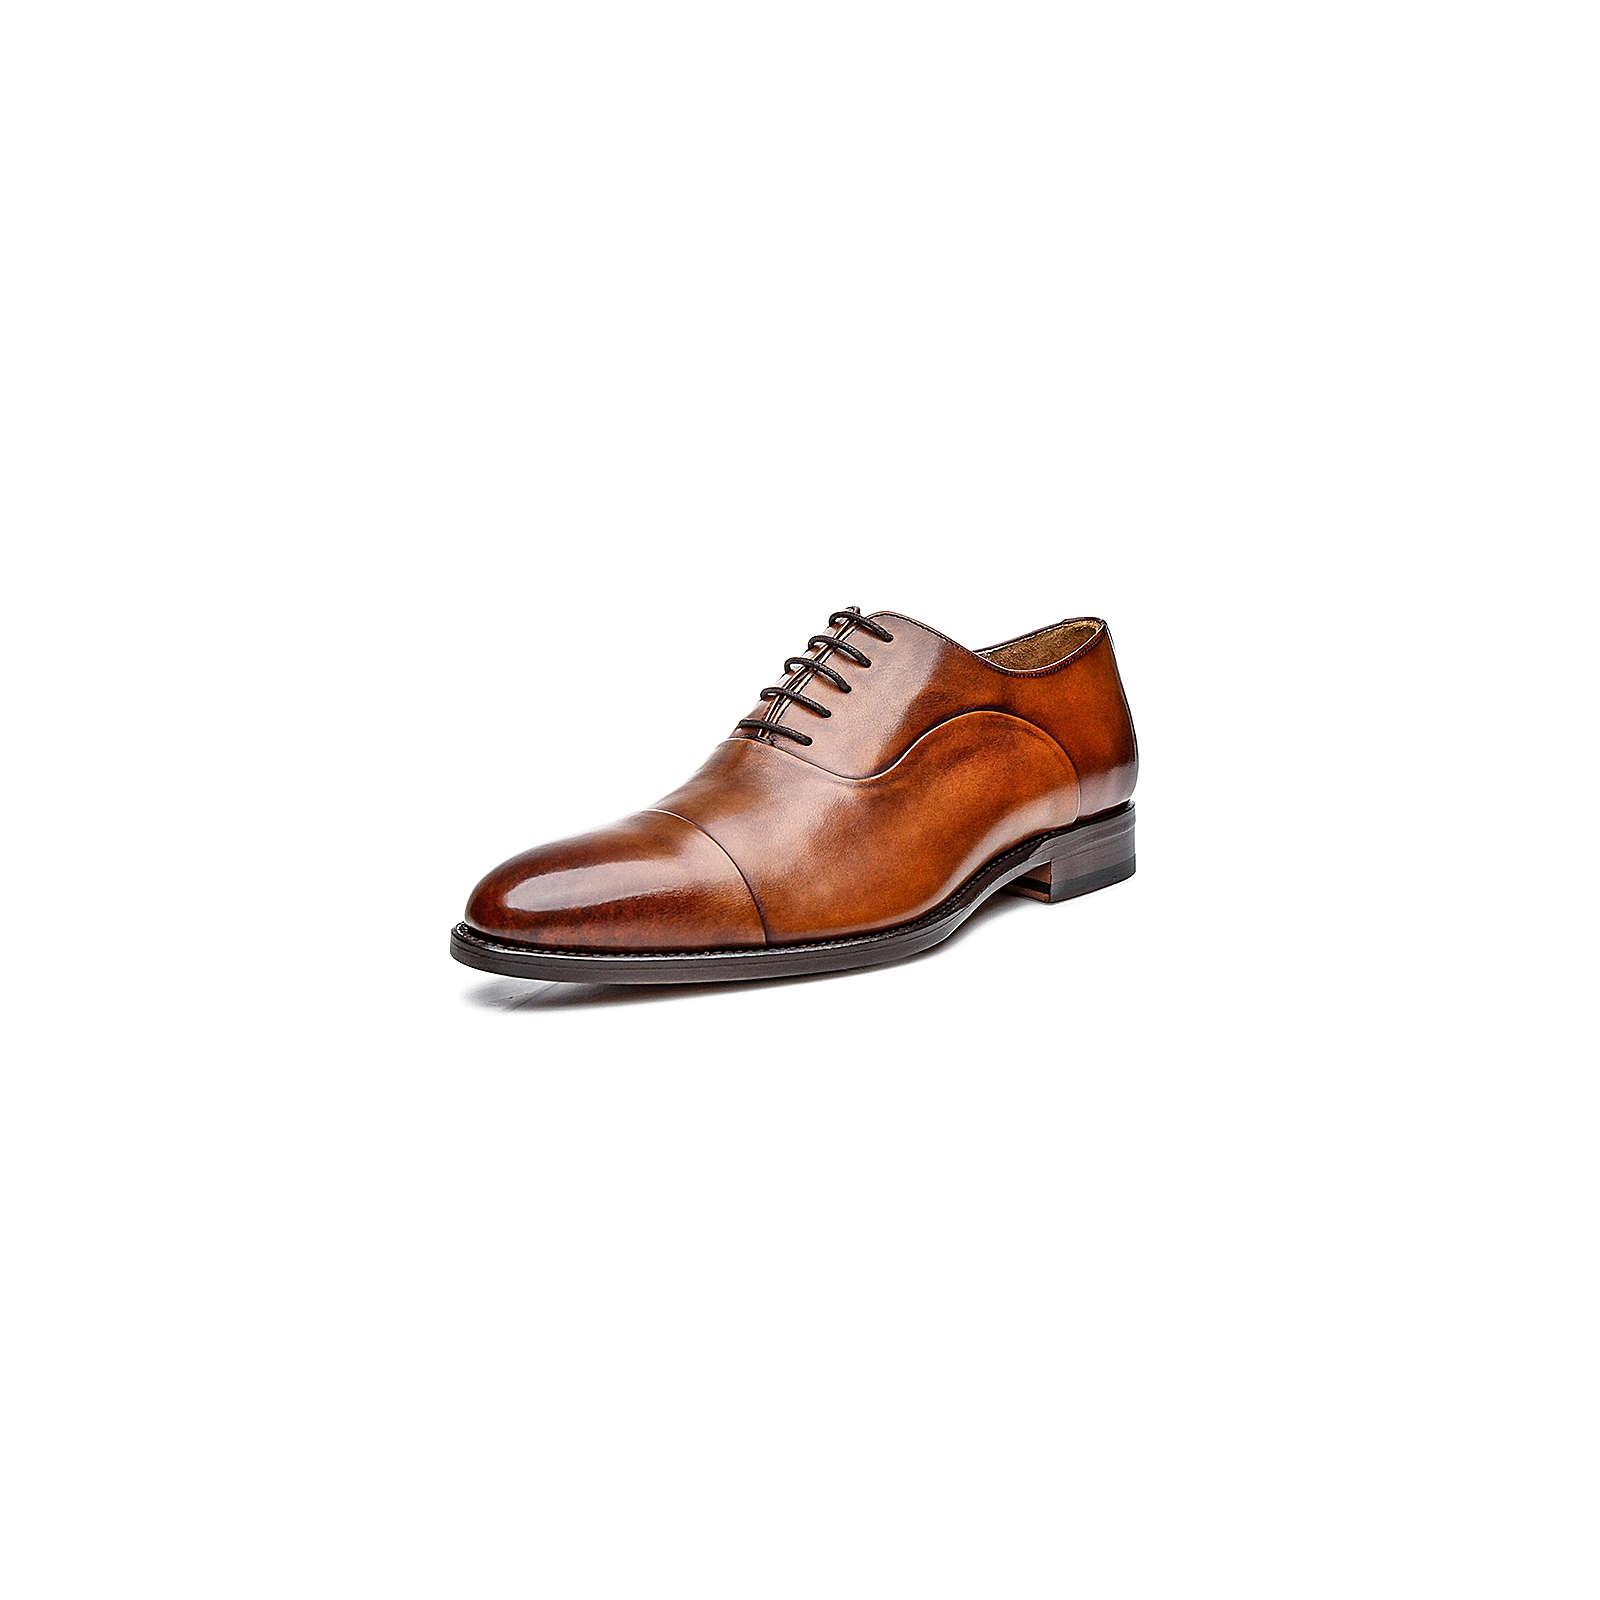 Shoepassion Halbschuhe No. 5224 Business-Schnürschuhe braun Herren Gr. 38 2/3